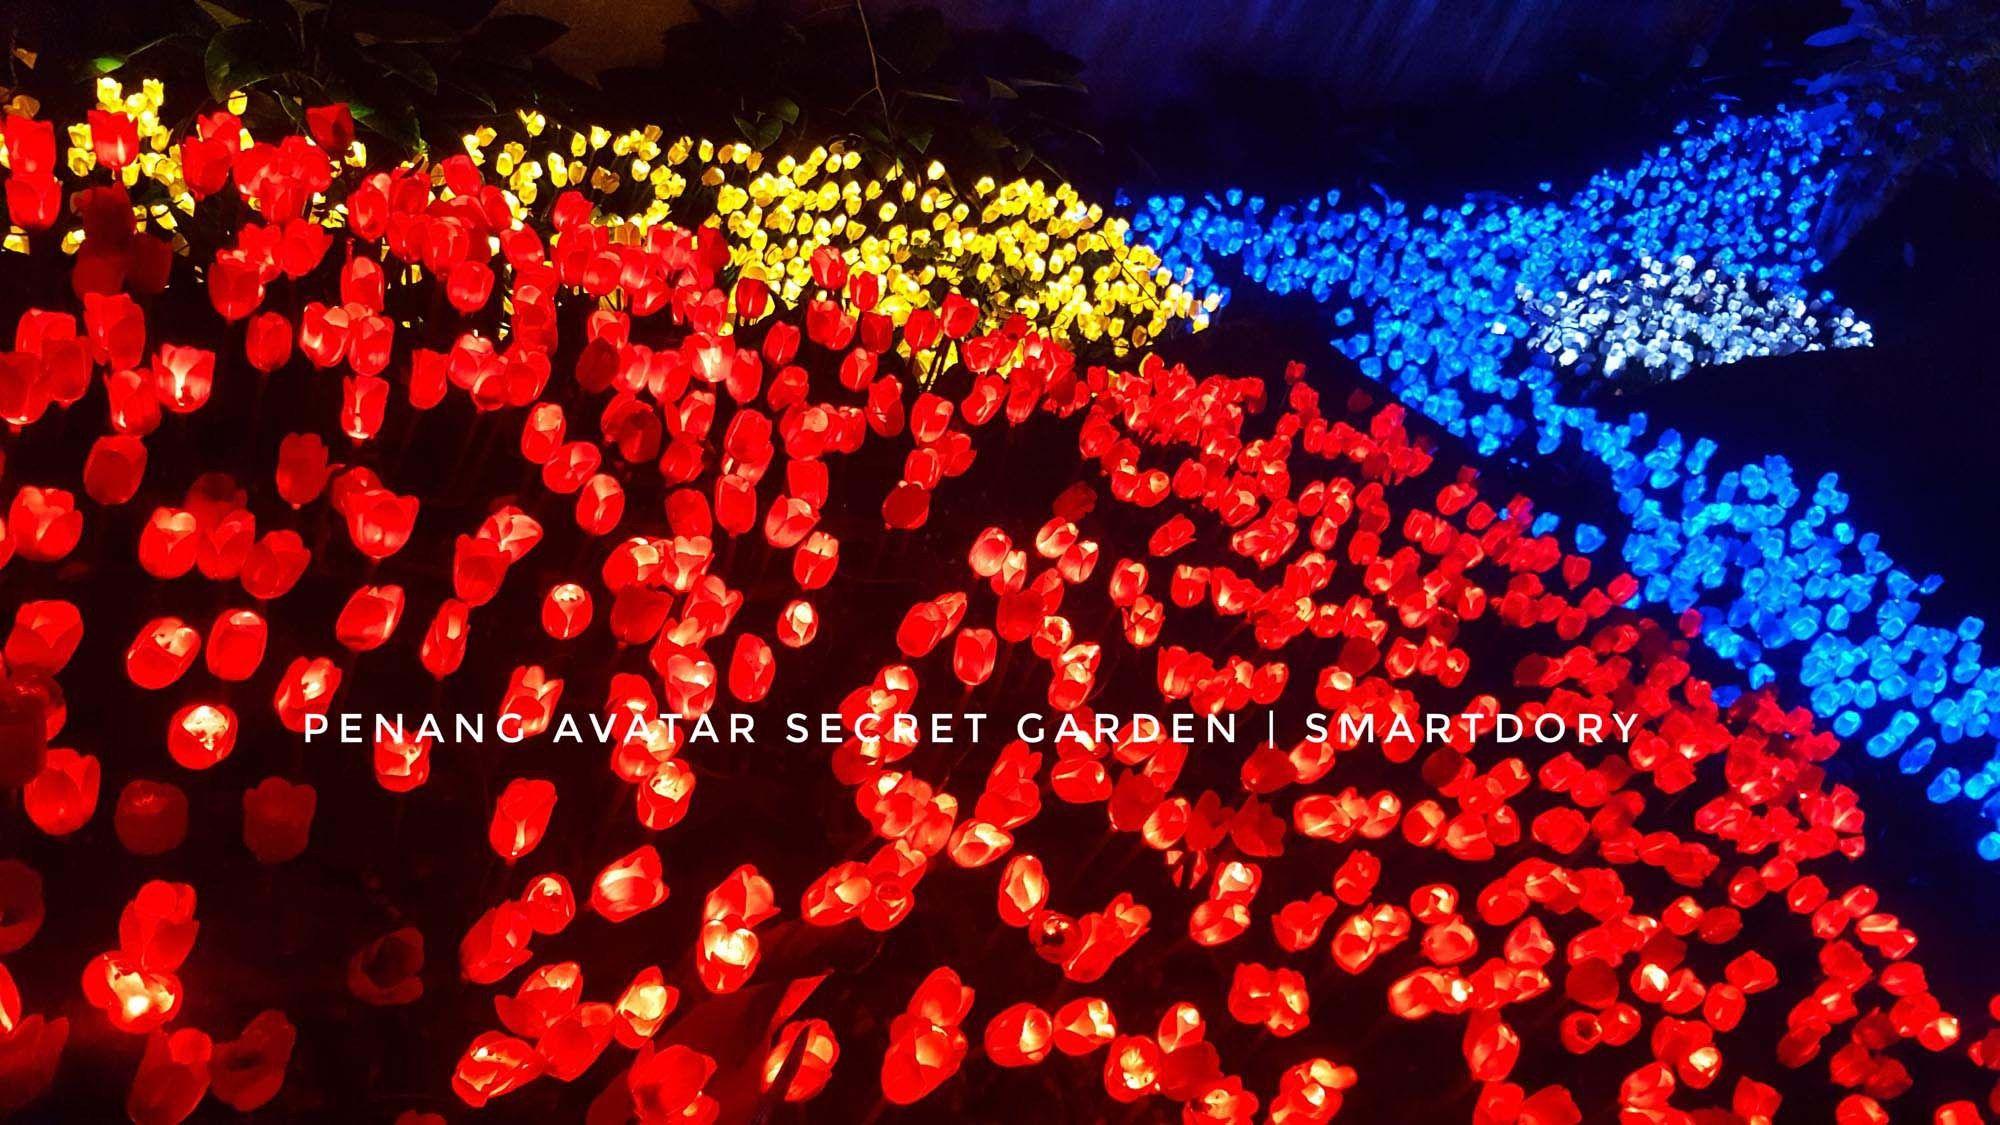 Penang Avatar Secret Led Tulip Garden Lights  Smart Dory